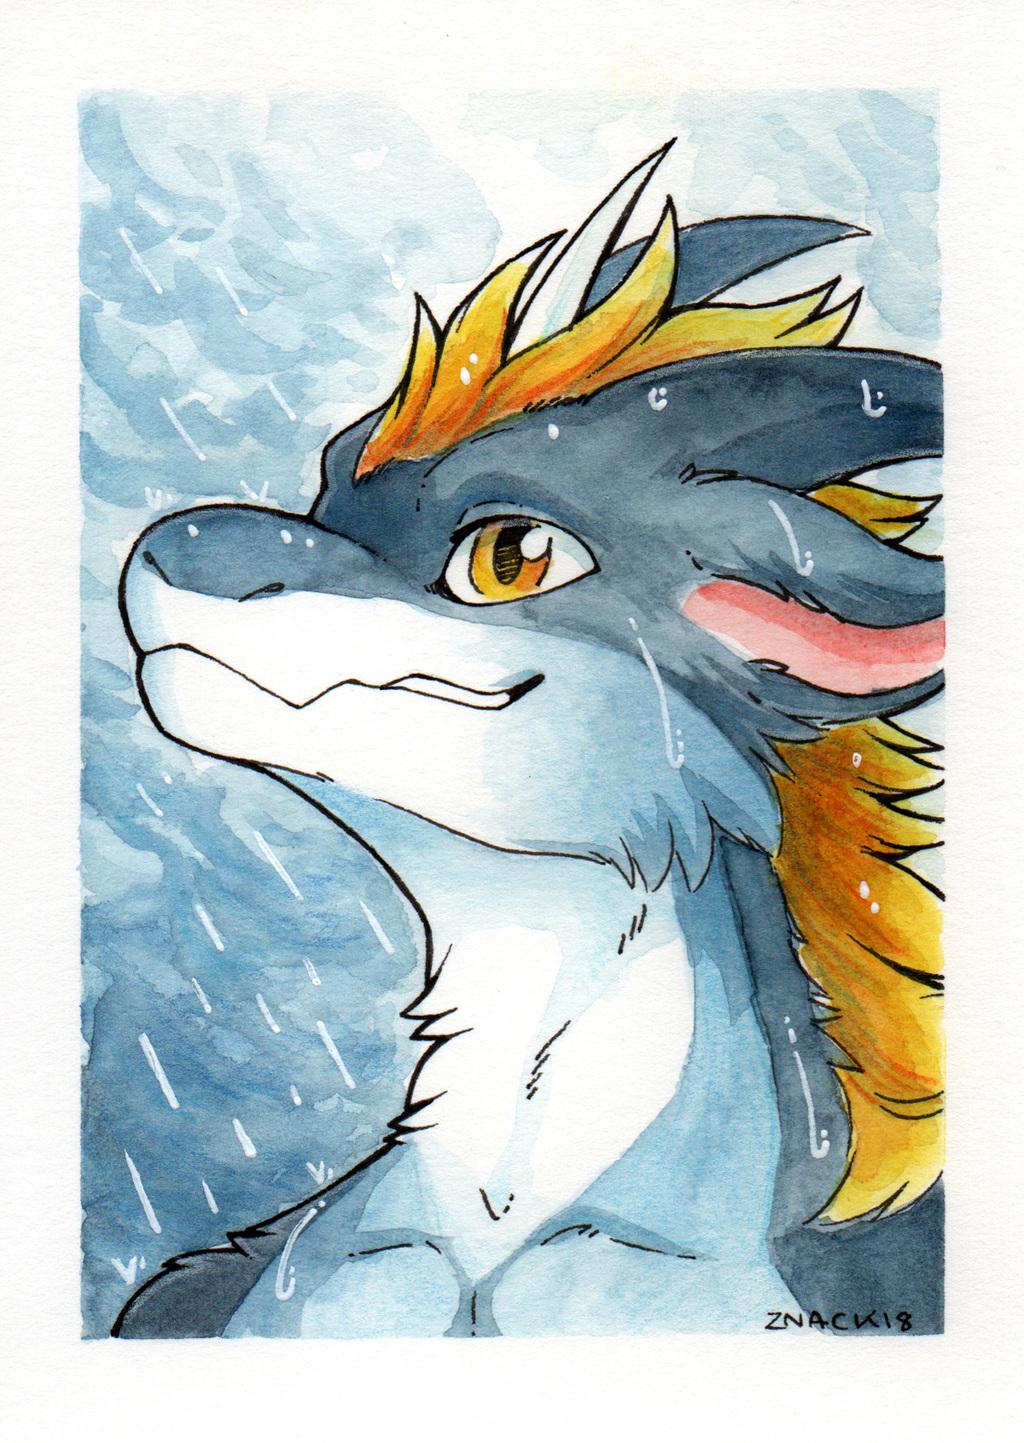 [Snackish] Rain